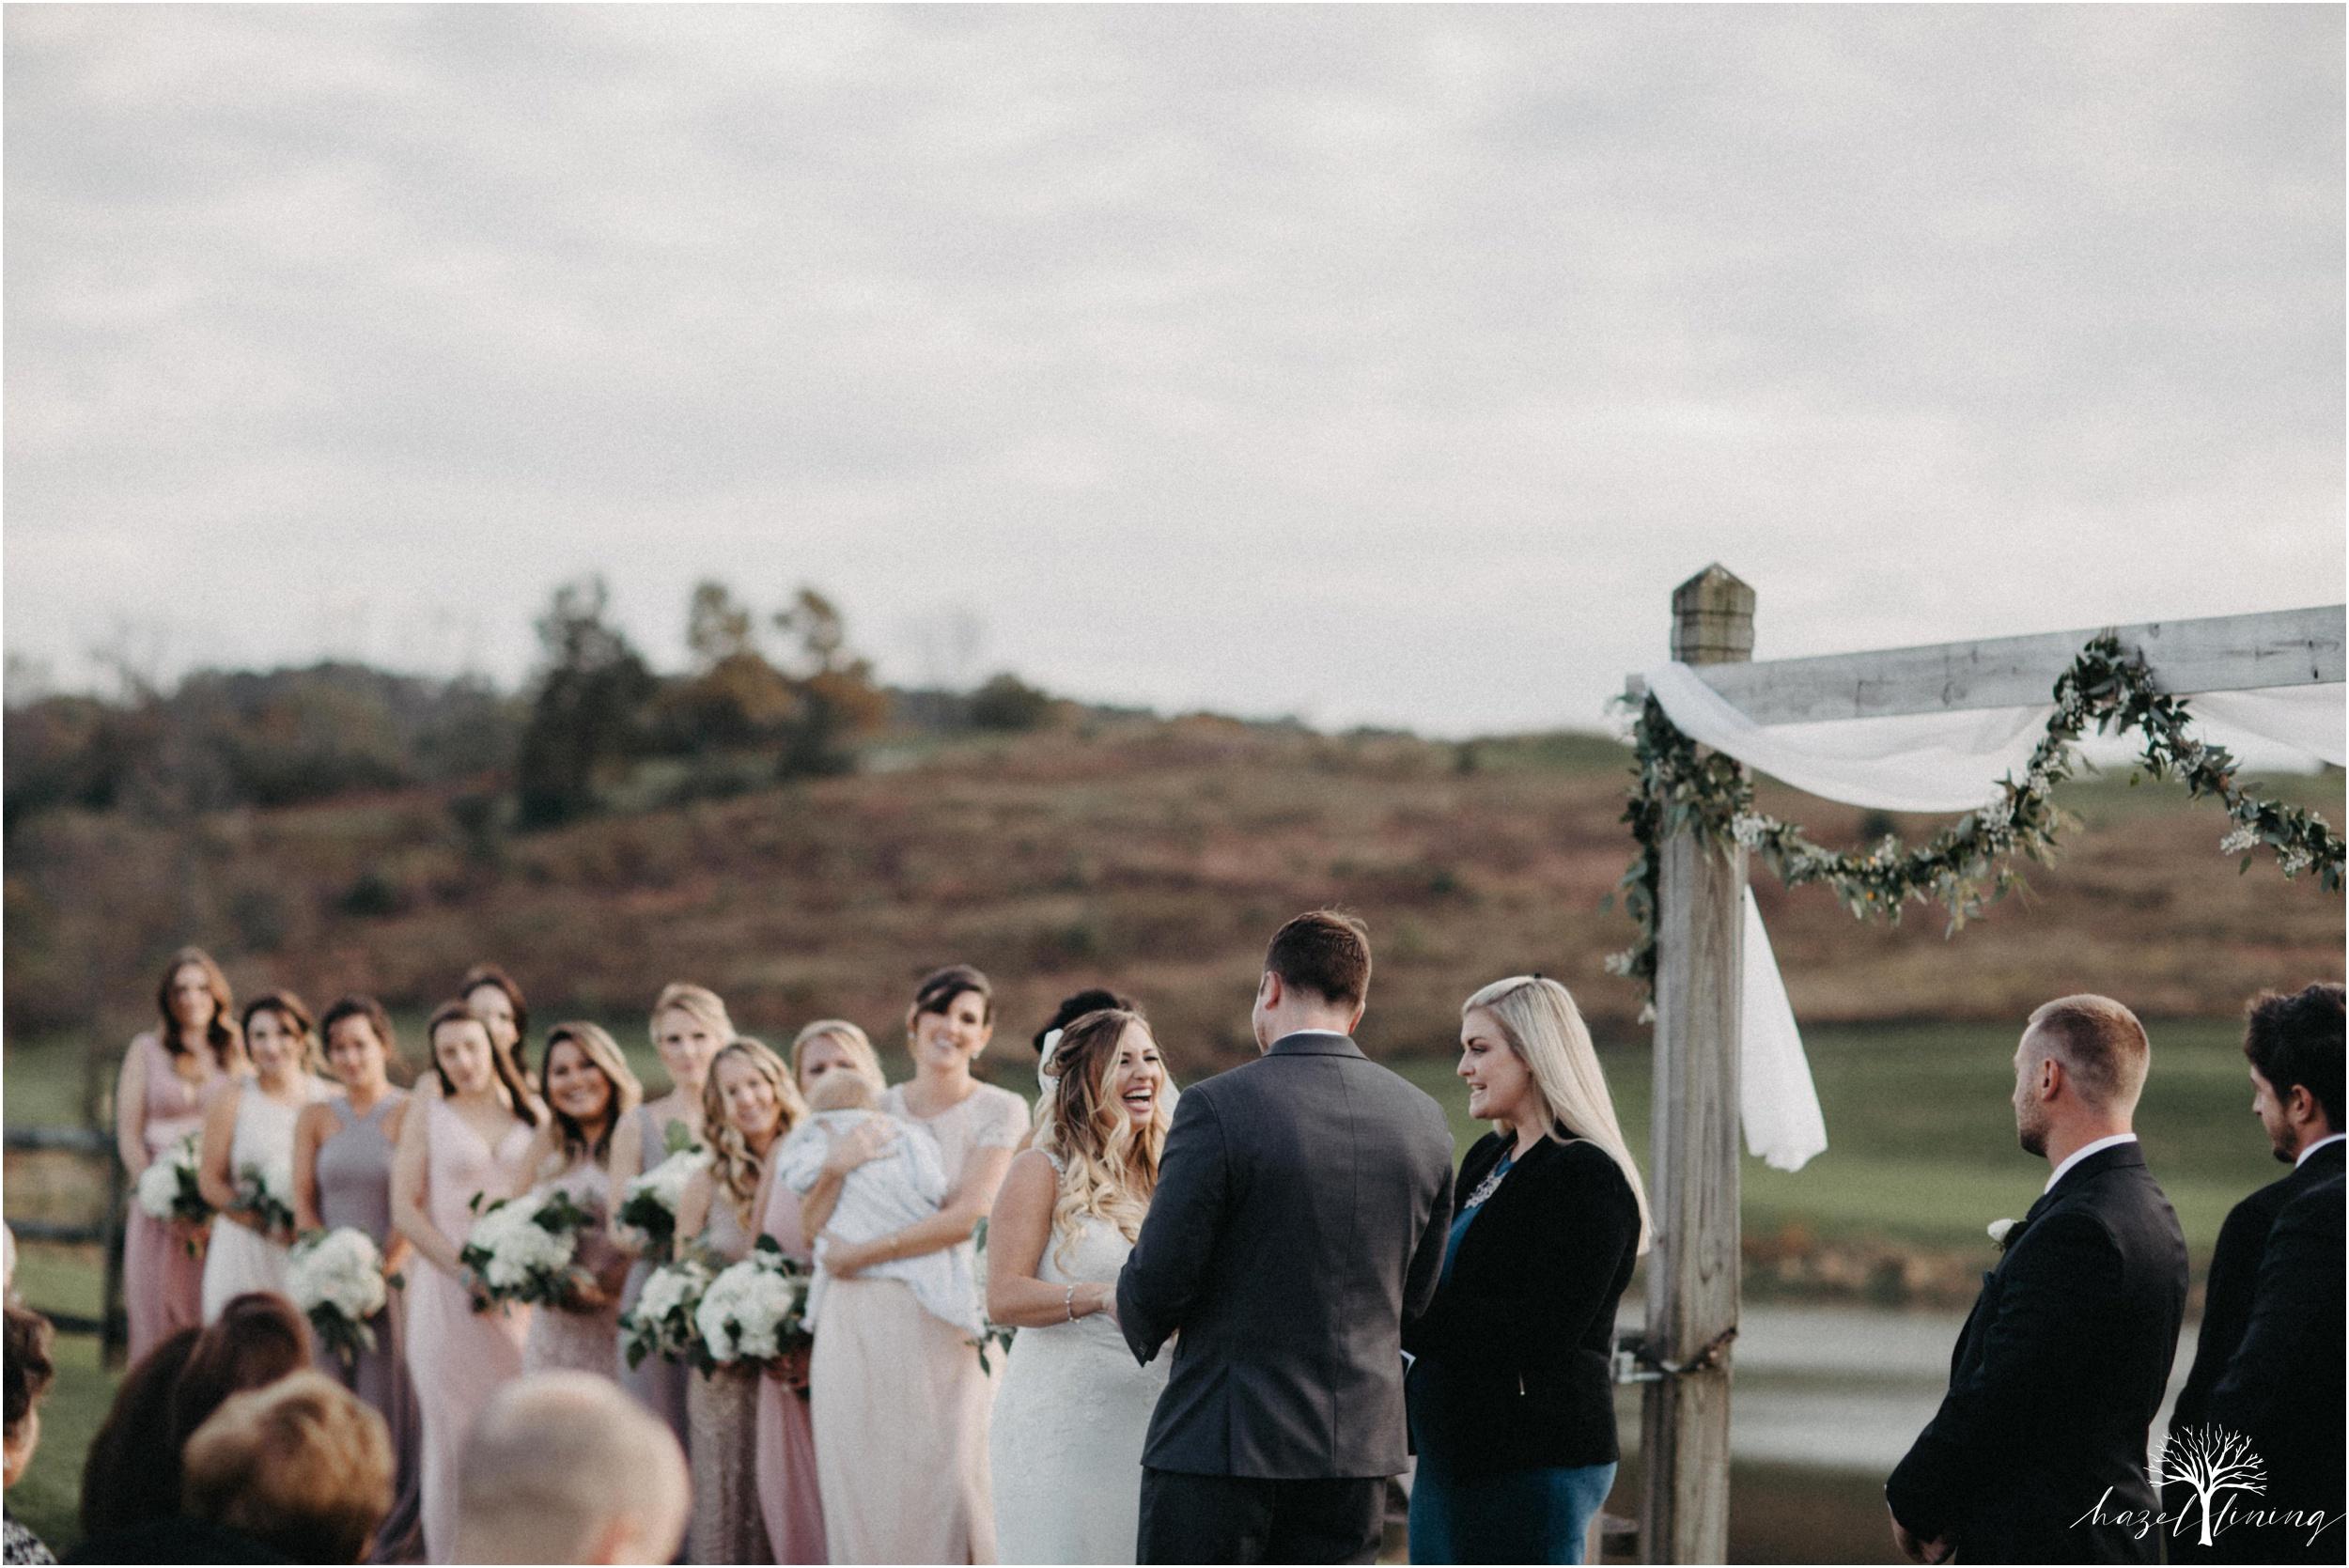 jessie-martin-zach-umlauf-olde-homestead-golfclub-outdoor-autumn-wedding_0104.jpg